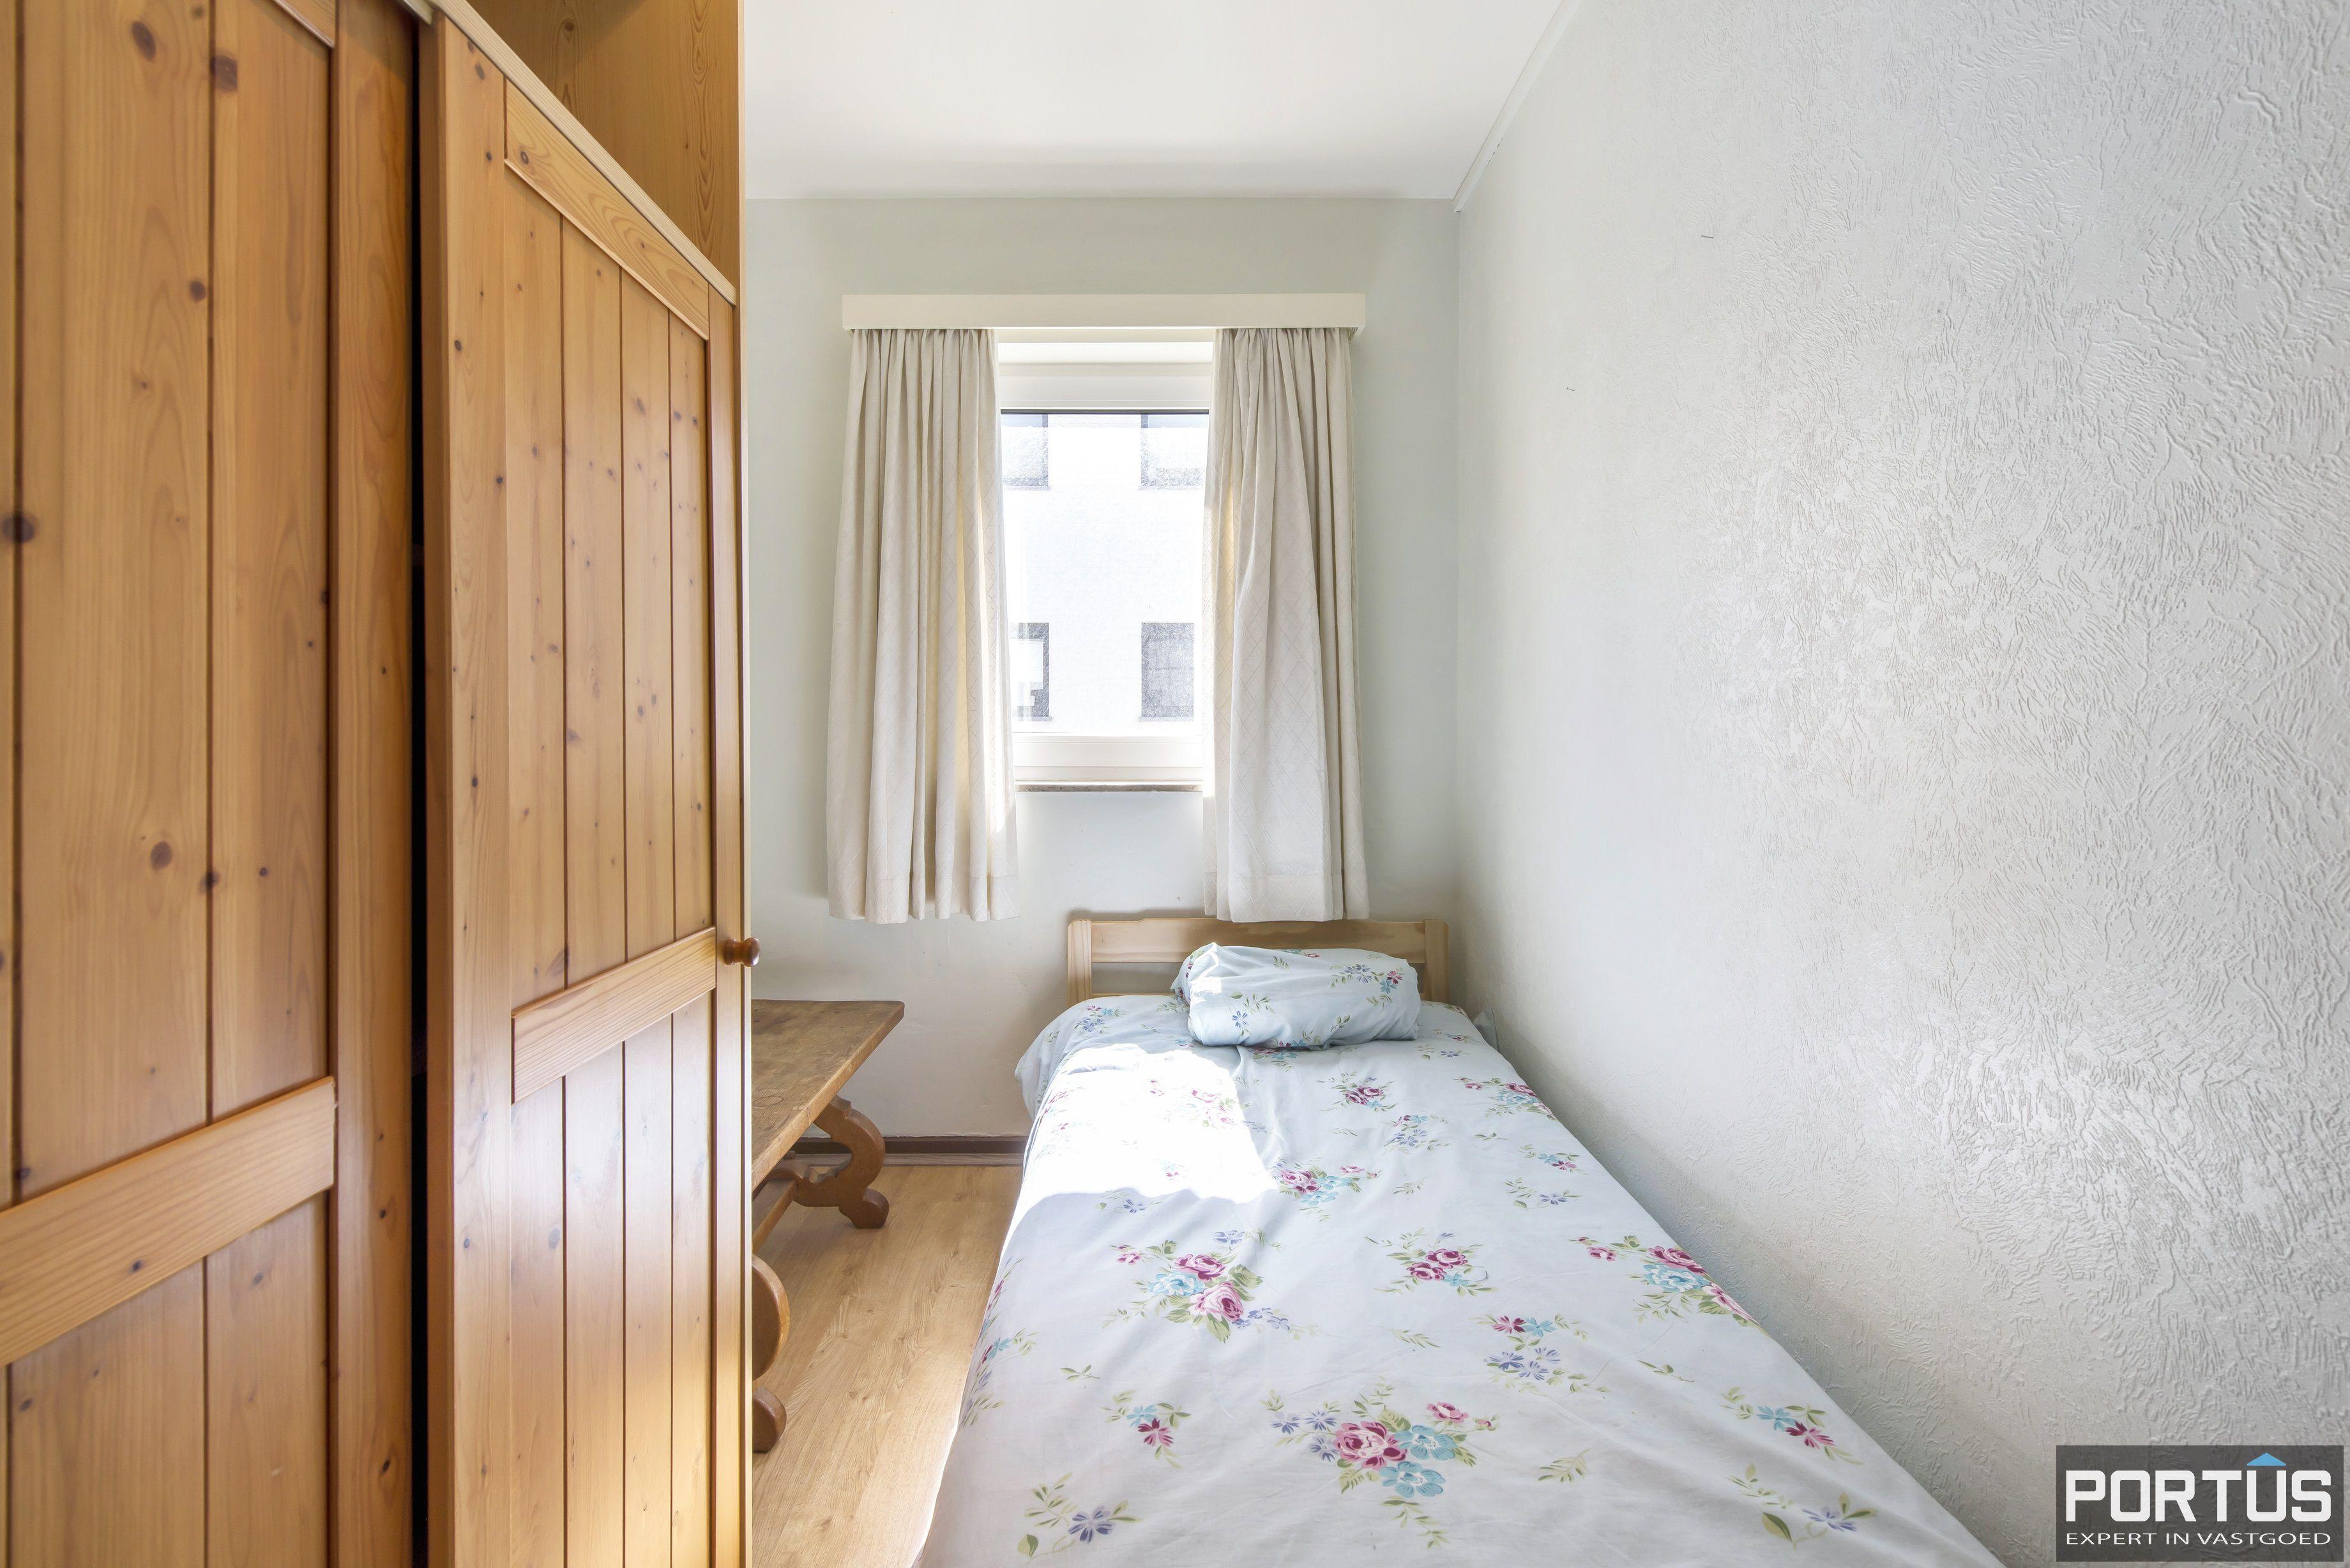 Appartement met 2 slaapkamers en parking te koop te Nieuwpoort - 9733